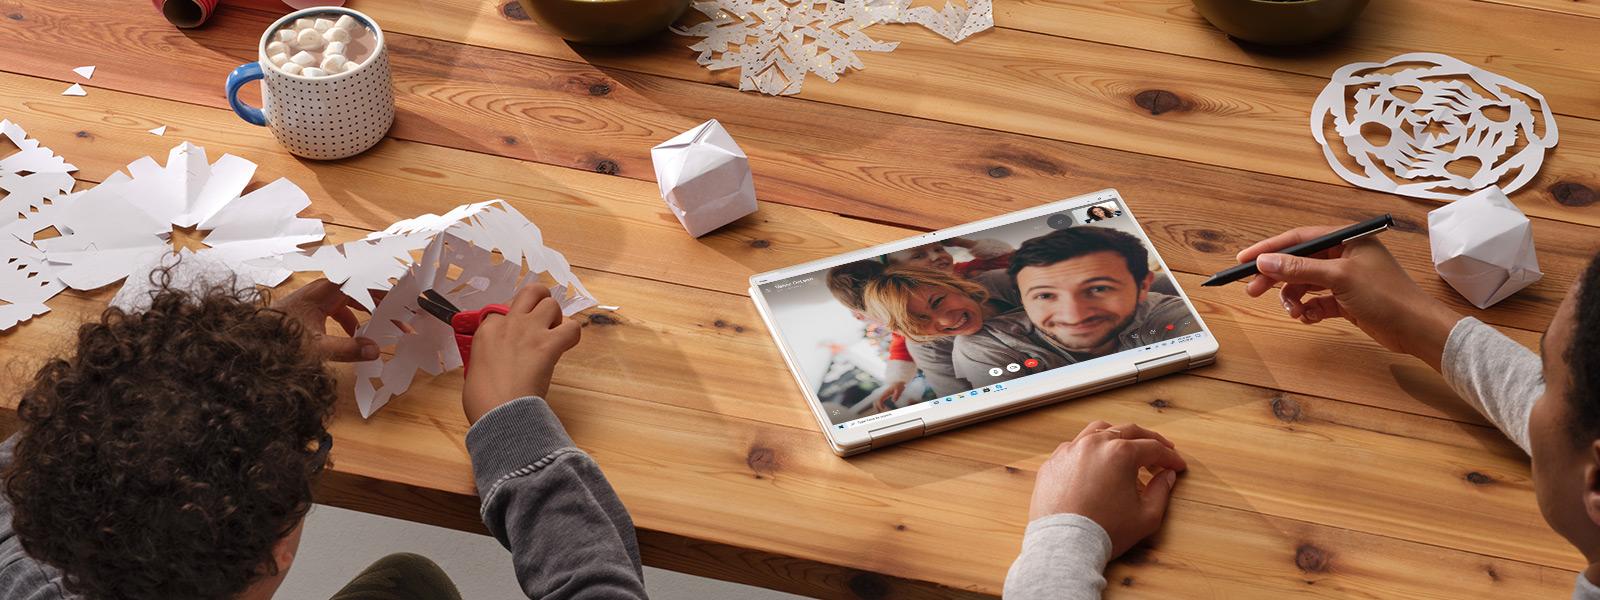 Ein PC liegt auf einem Tisch; es ist ein Skype-Anruf zu sehen, bei dem zwei Personen am Tisch sitzen und Schneeflocken basteln